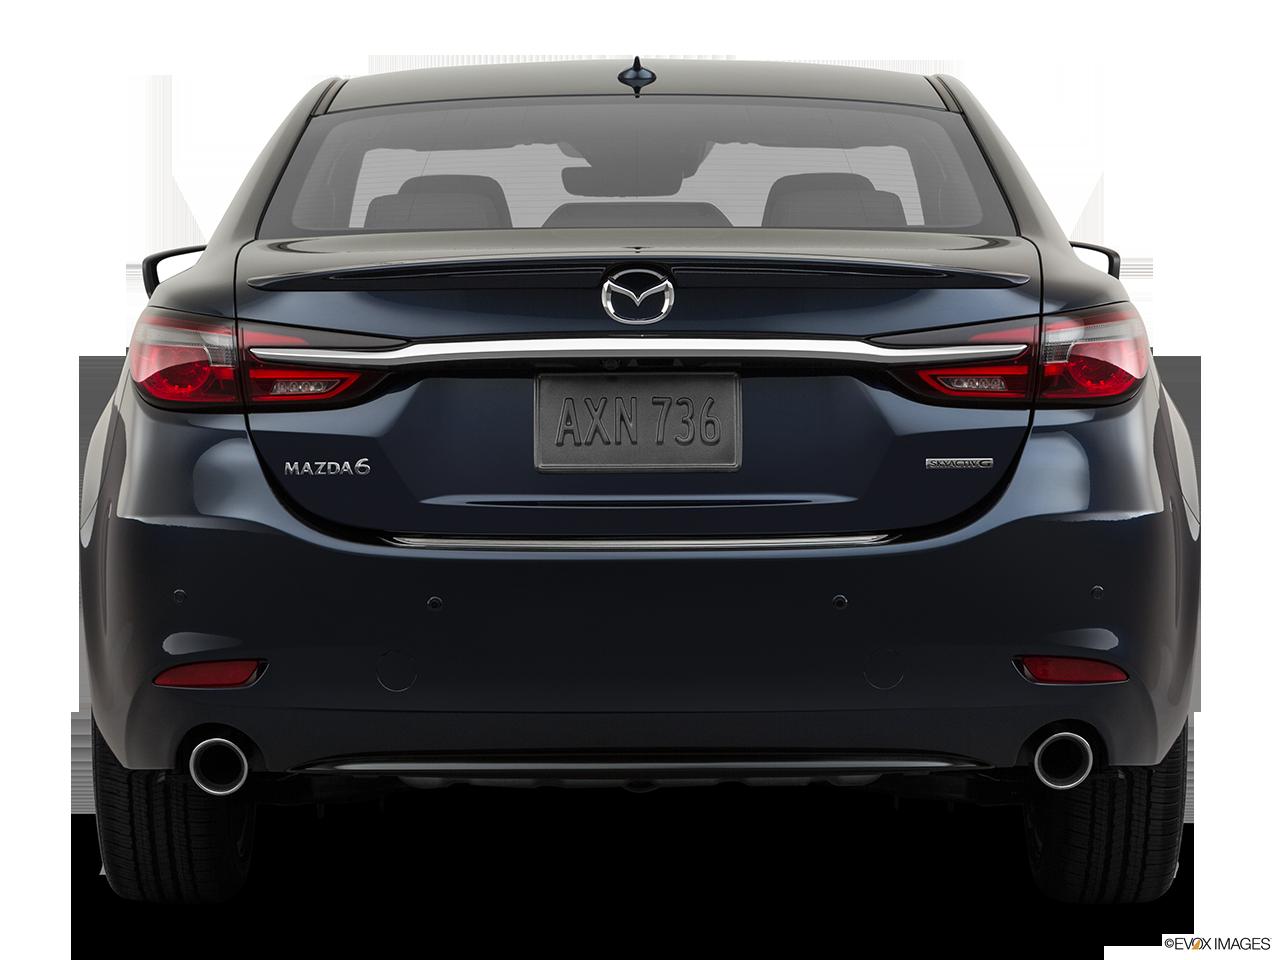 2019 Mazda Mazda6 photo